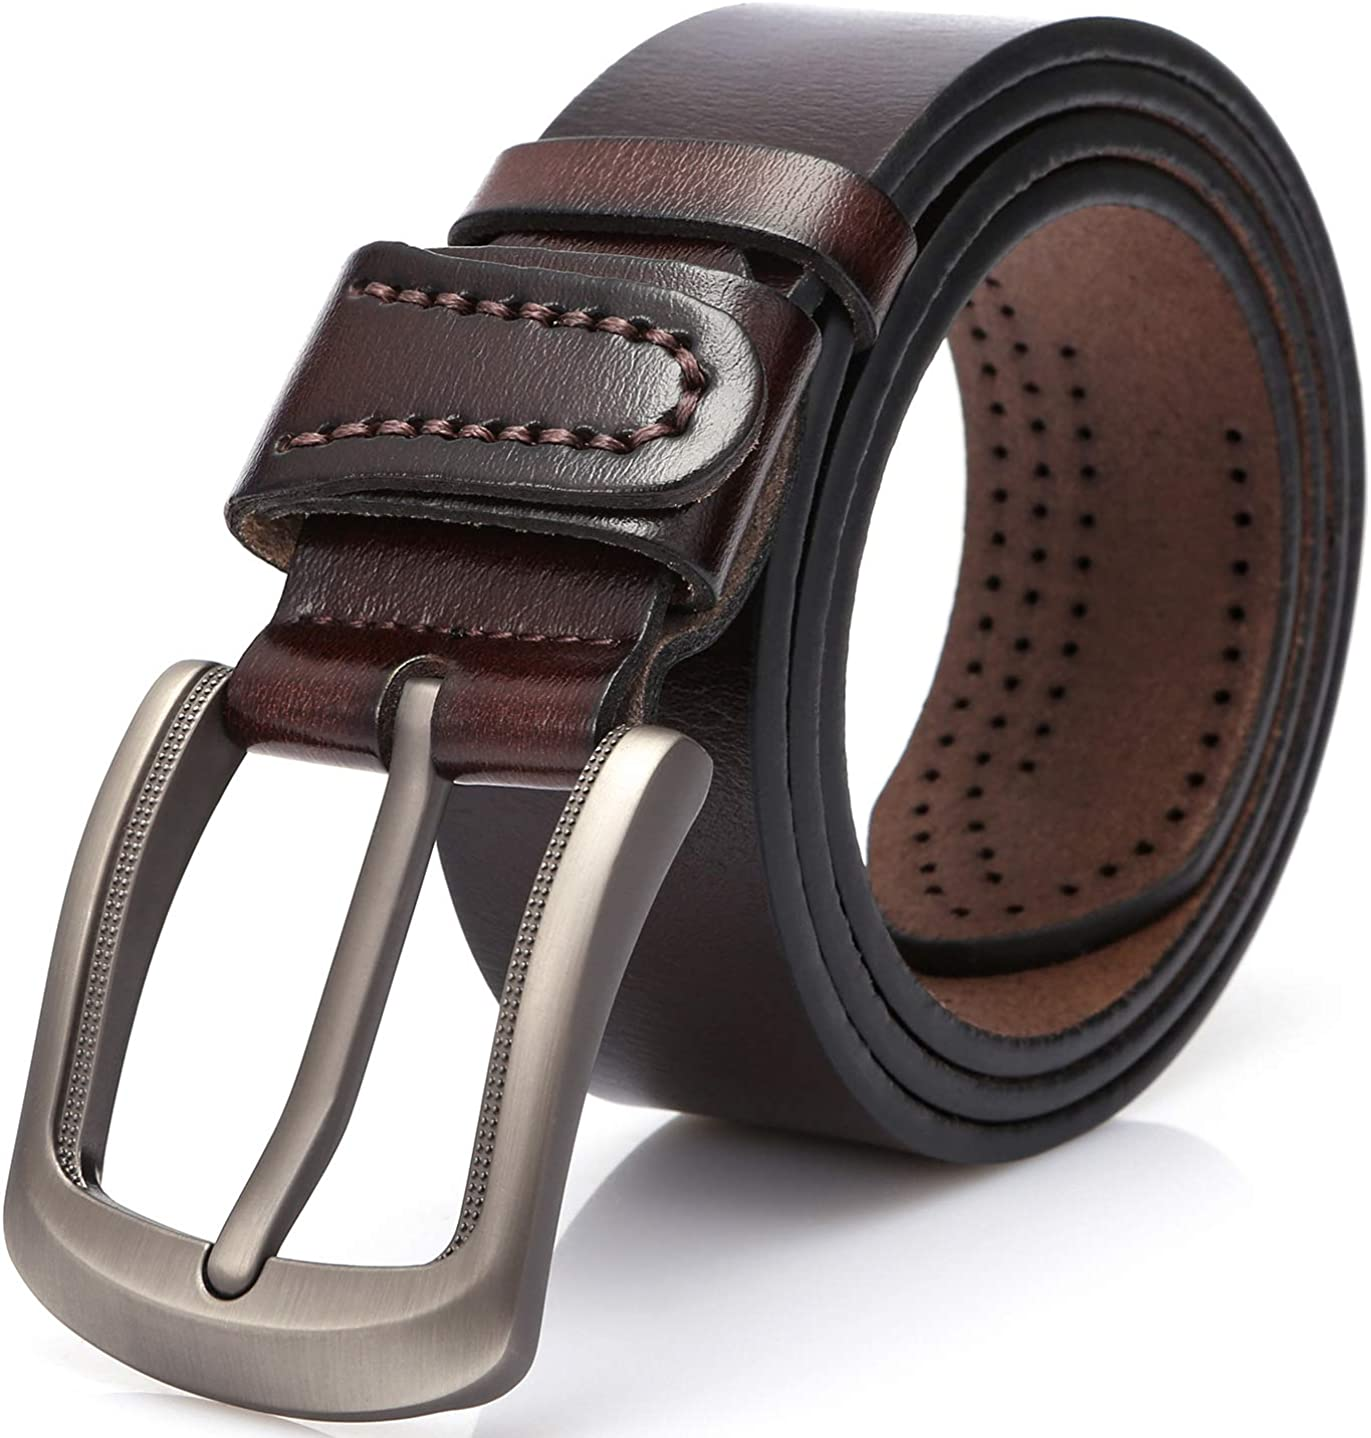 DOVAVA Cinturón de Cuero para Hombre,Cinturón de Cuero 100% Genuino para Hombres, Adecuado para Uso Informal, Formal y de Negocios